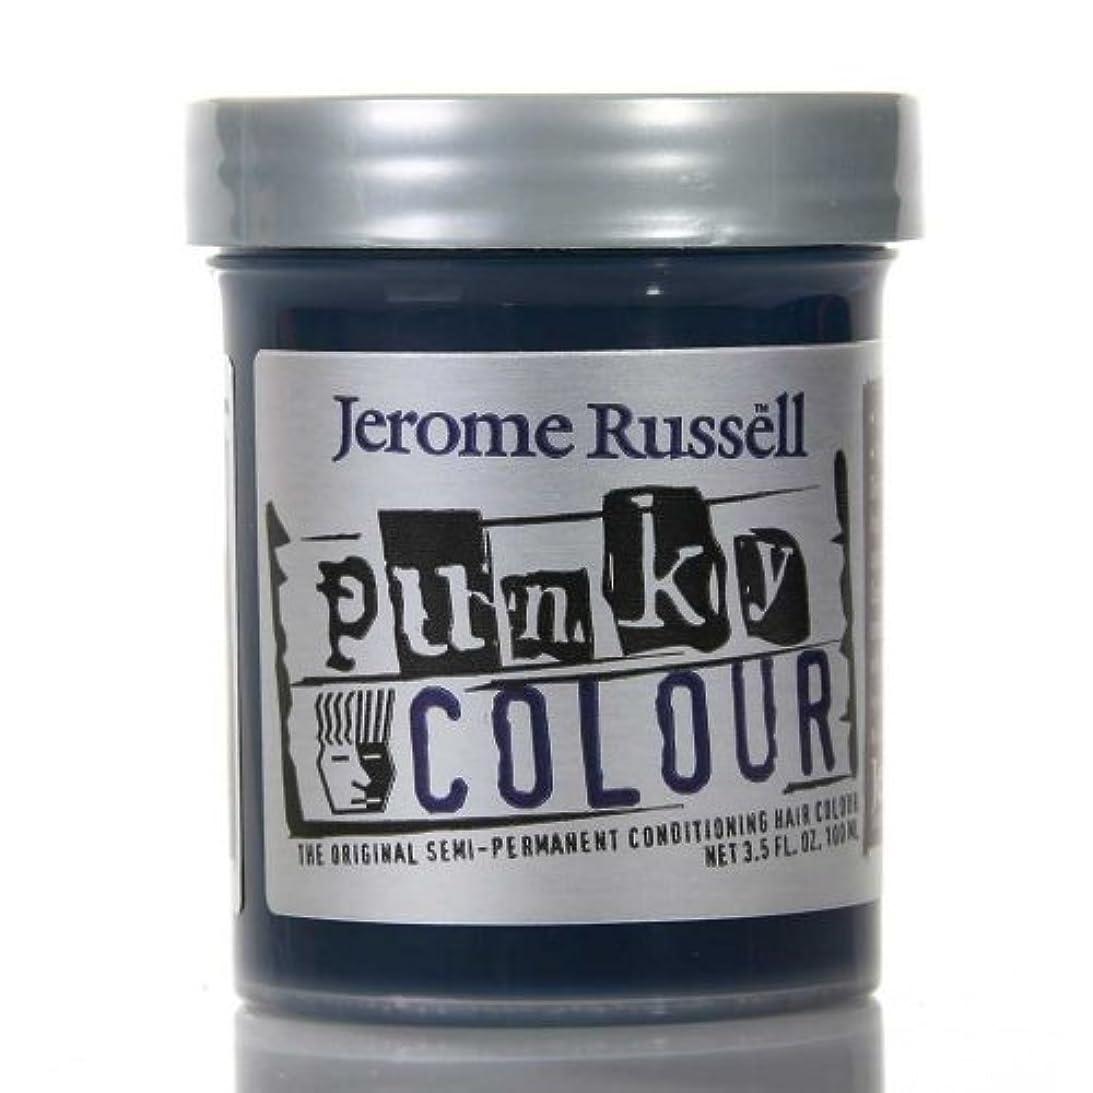 積分浴室リラックスJEROME RUSSELL Punky Color Semi-Permanent Conditioning Hair Color - Midnight Blue (並行輸入品)